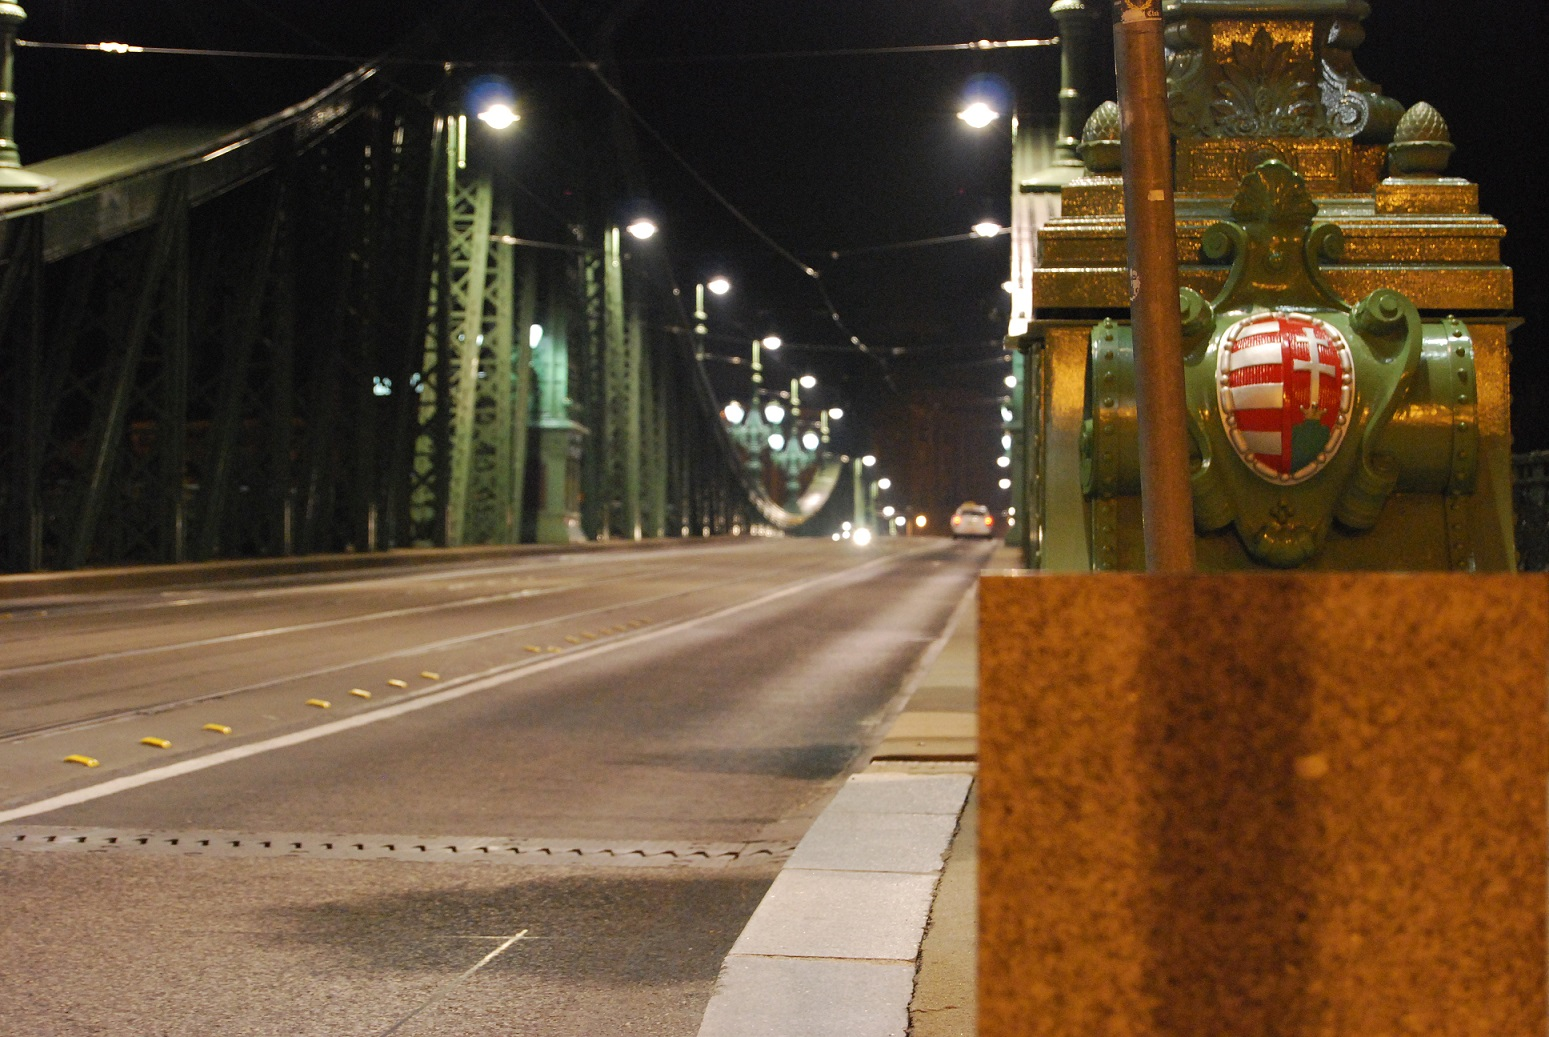 voyage road trip : rue de Hongrie